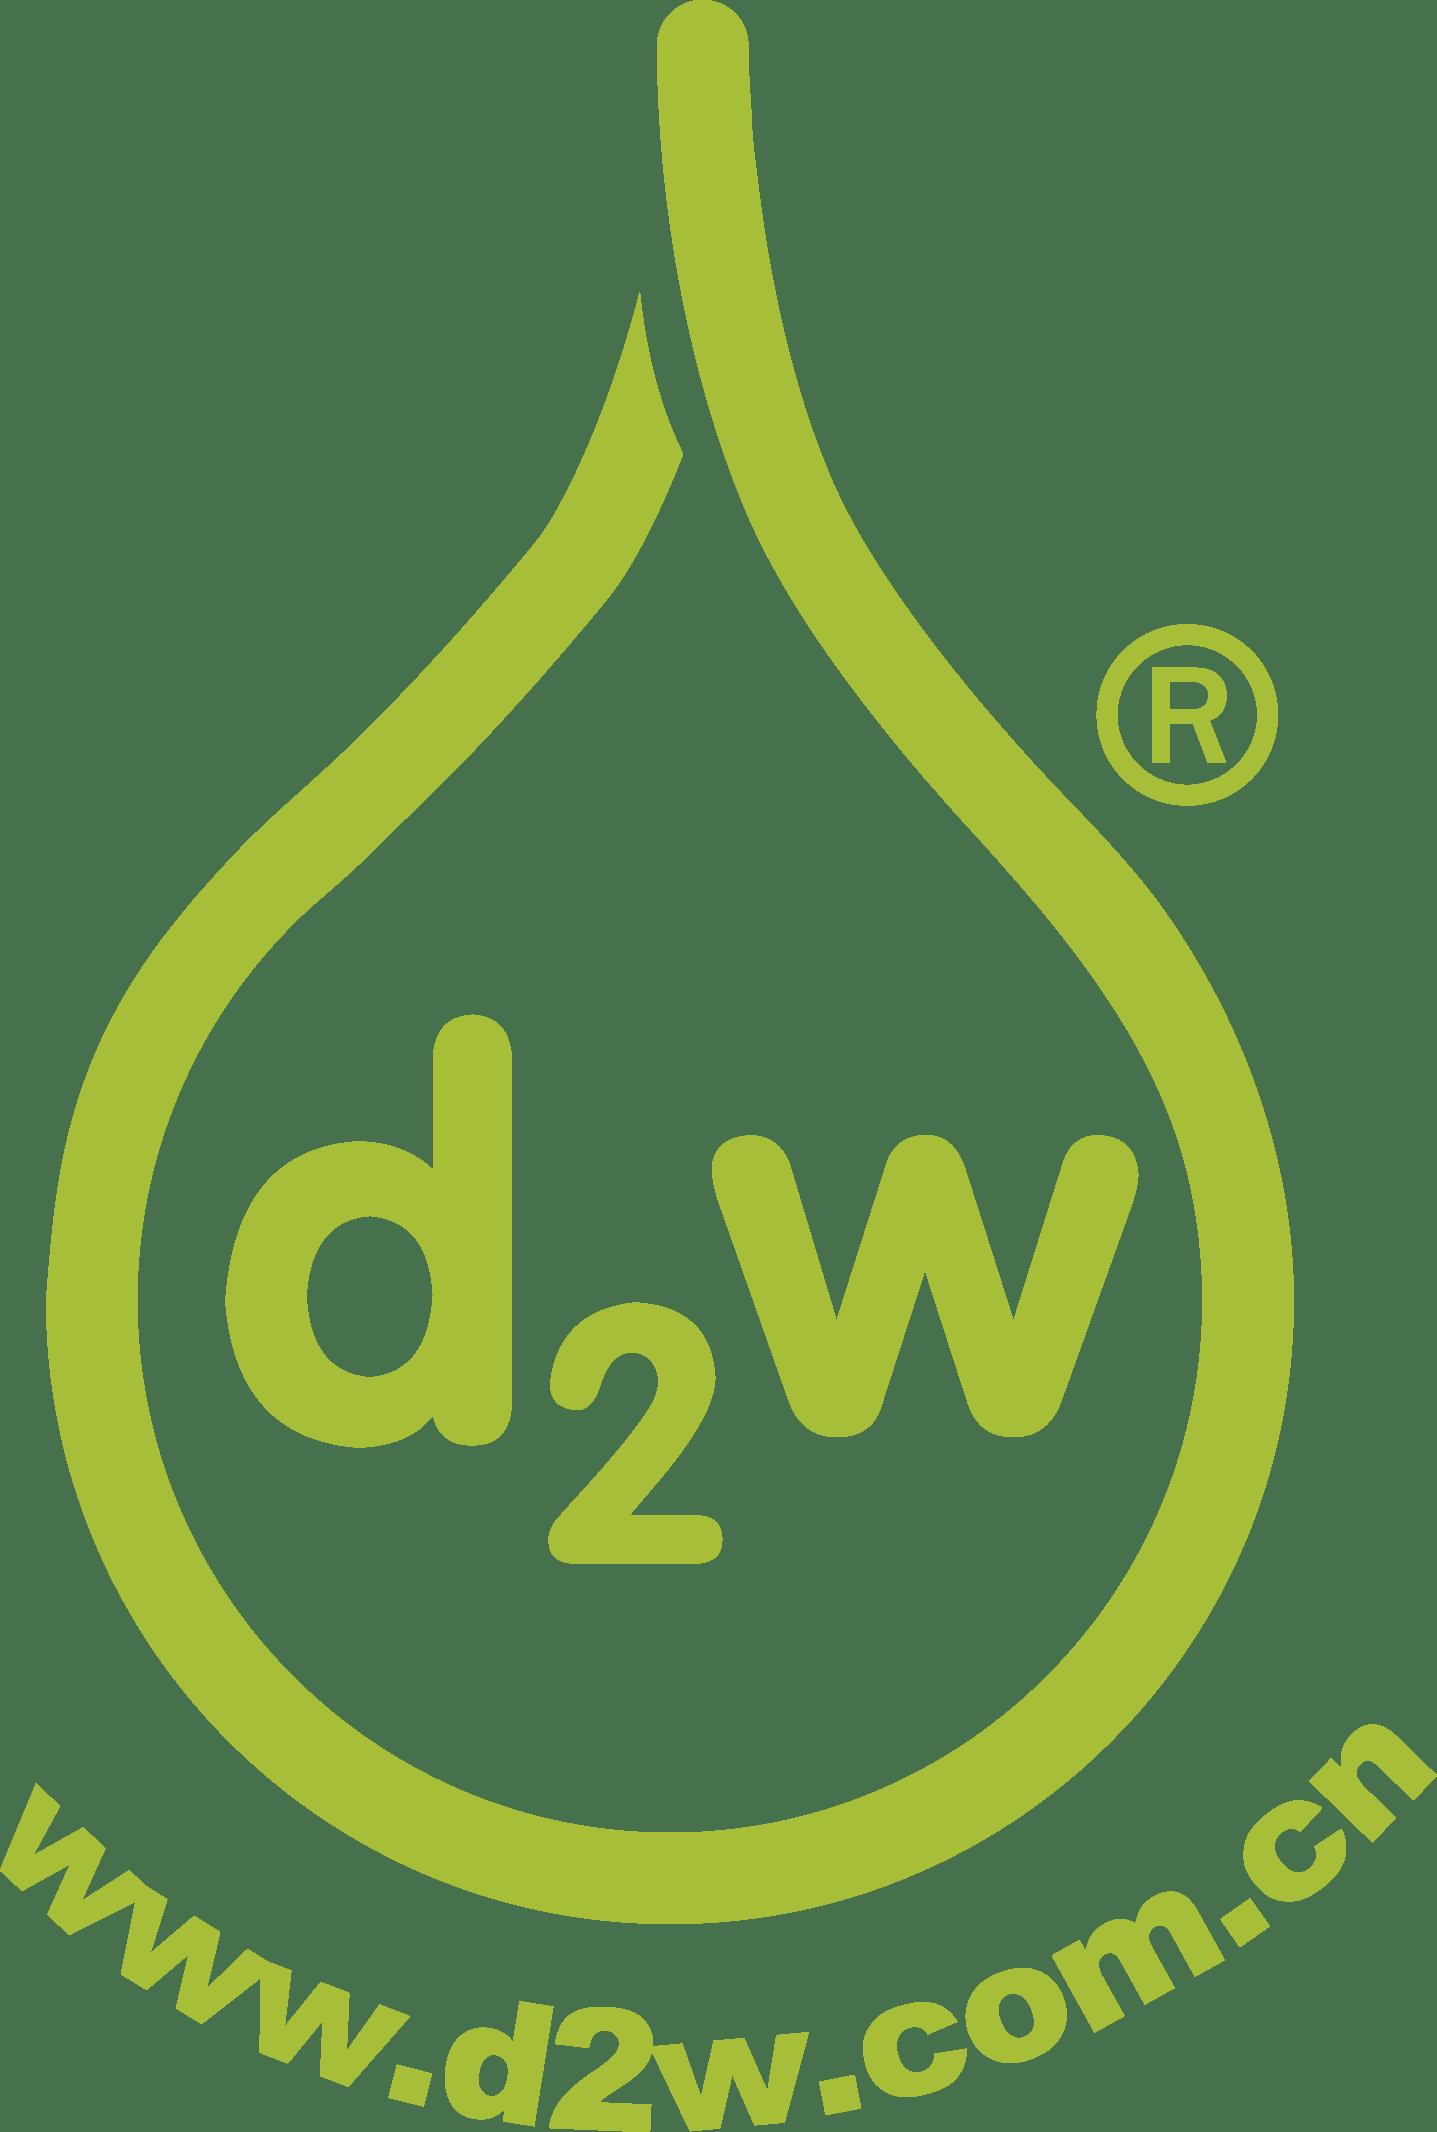 550997_d2w.com.cn.logo